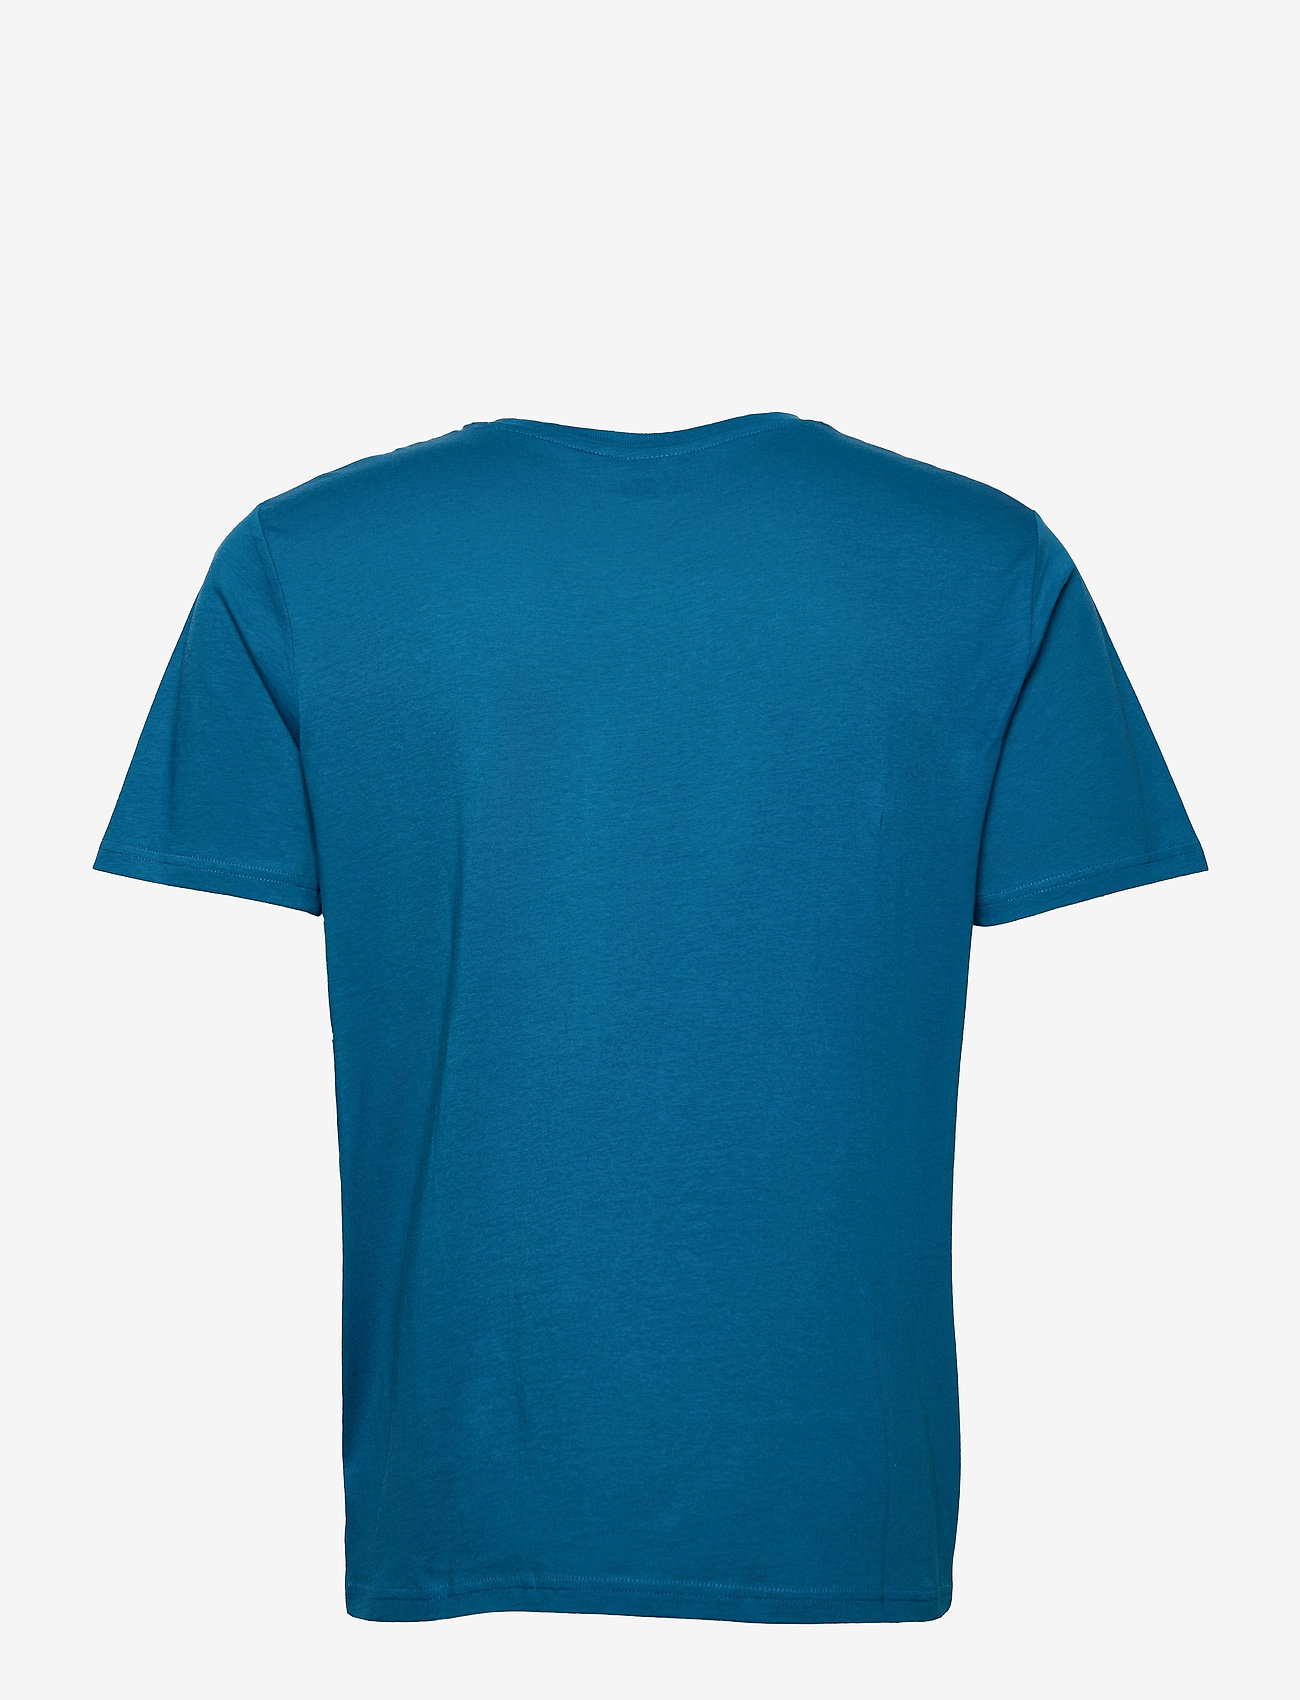 Hummel hmlACTON T-SHIRT - T-skjorter BLUE SAPPHIRE - Menn Klær